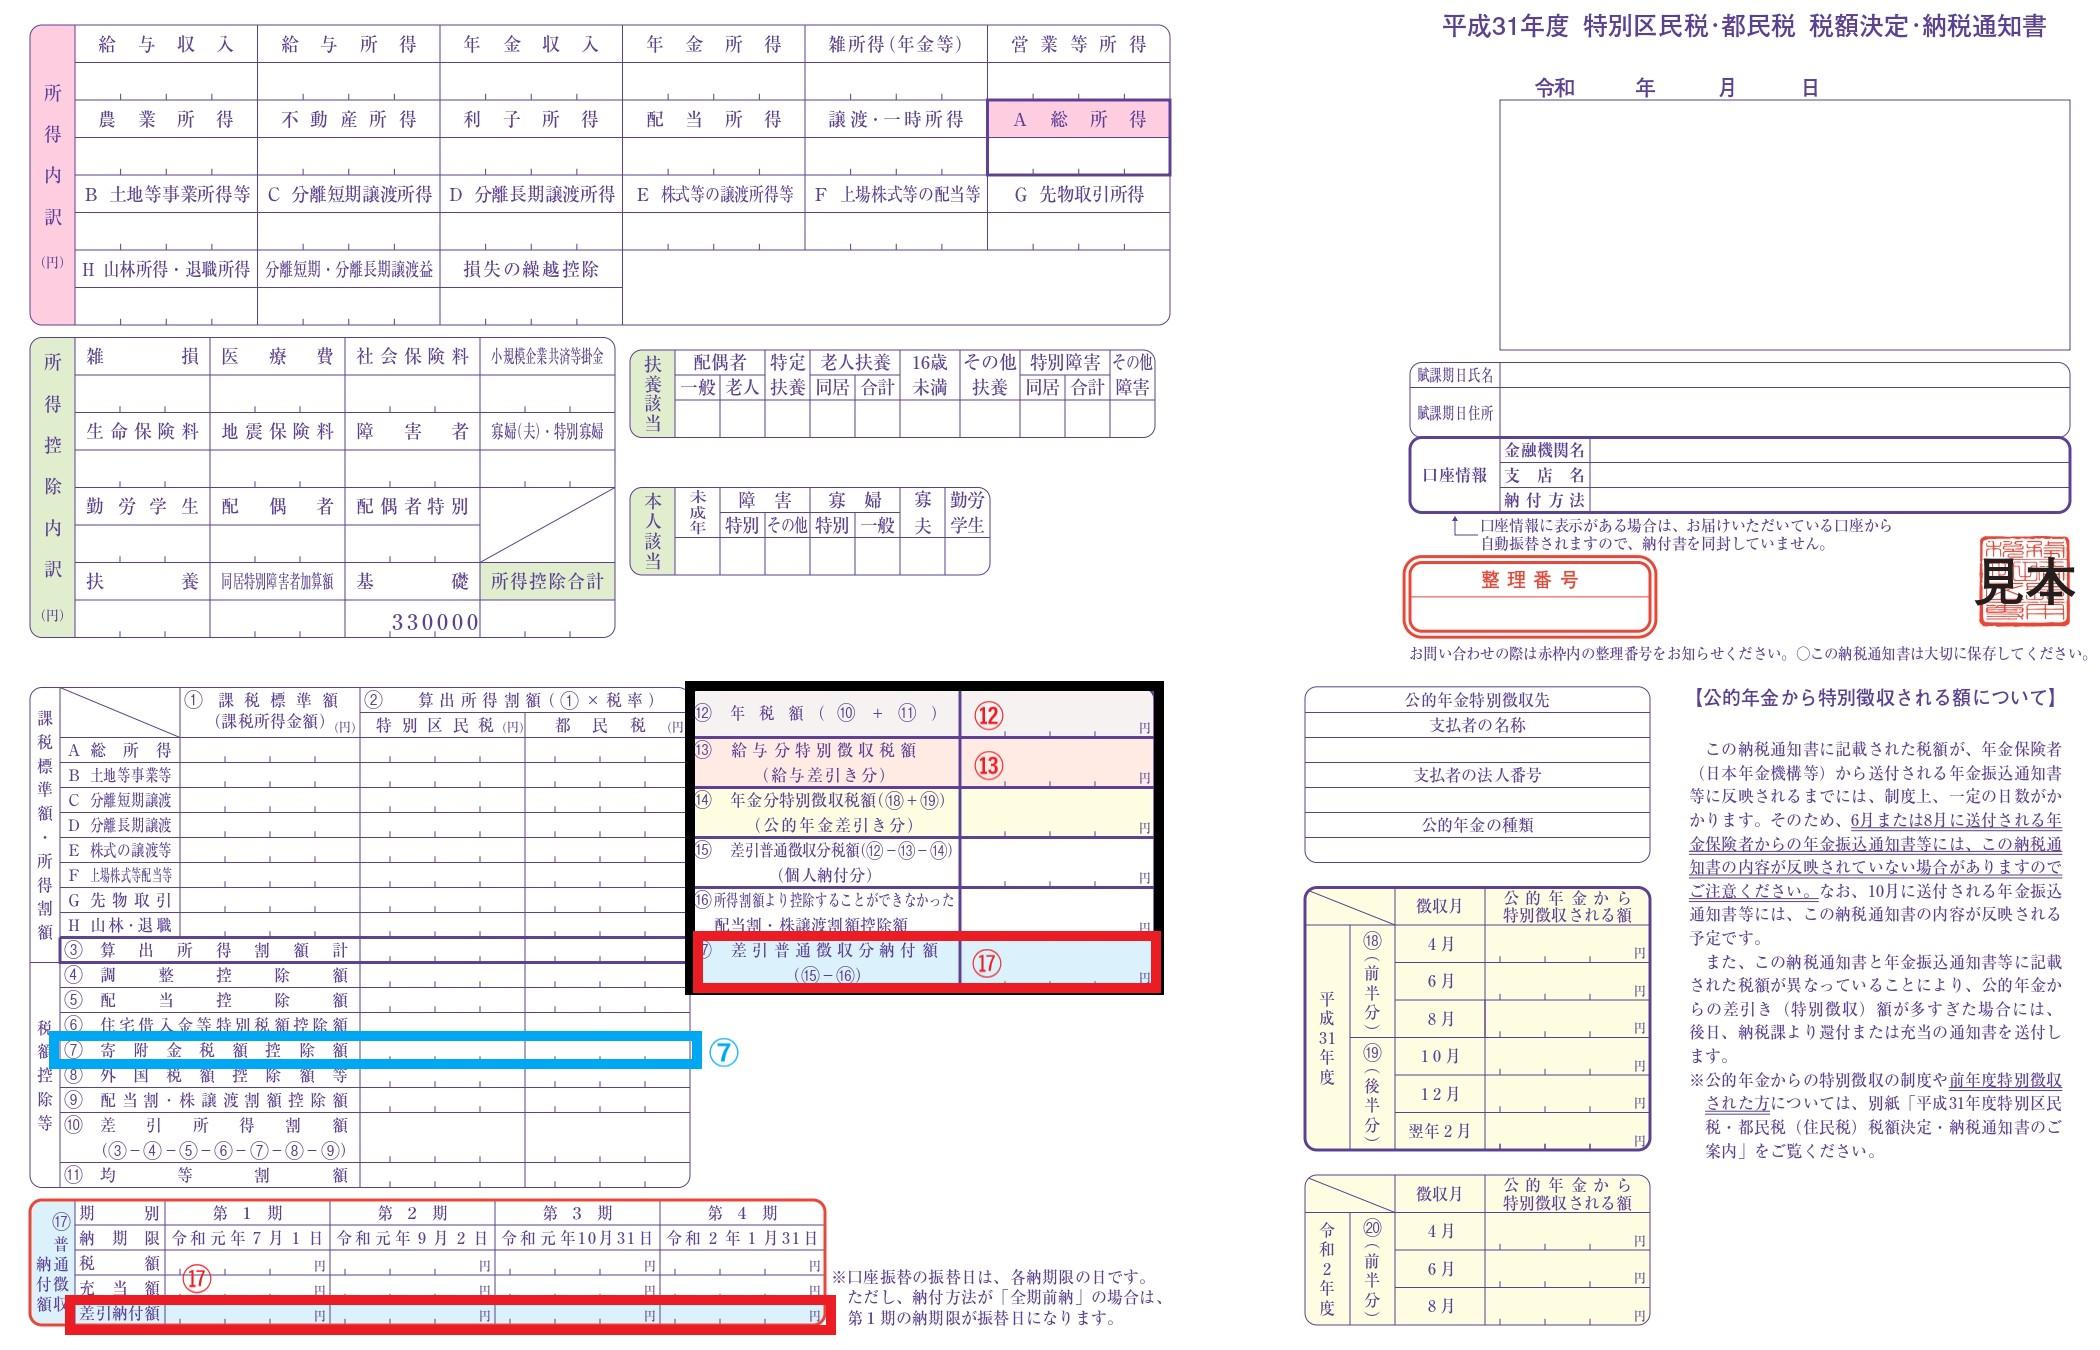 世田谷区:平成31年度 特別区民税・都民税 税額決定・納税通知書